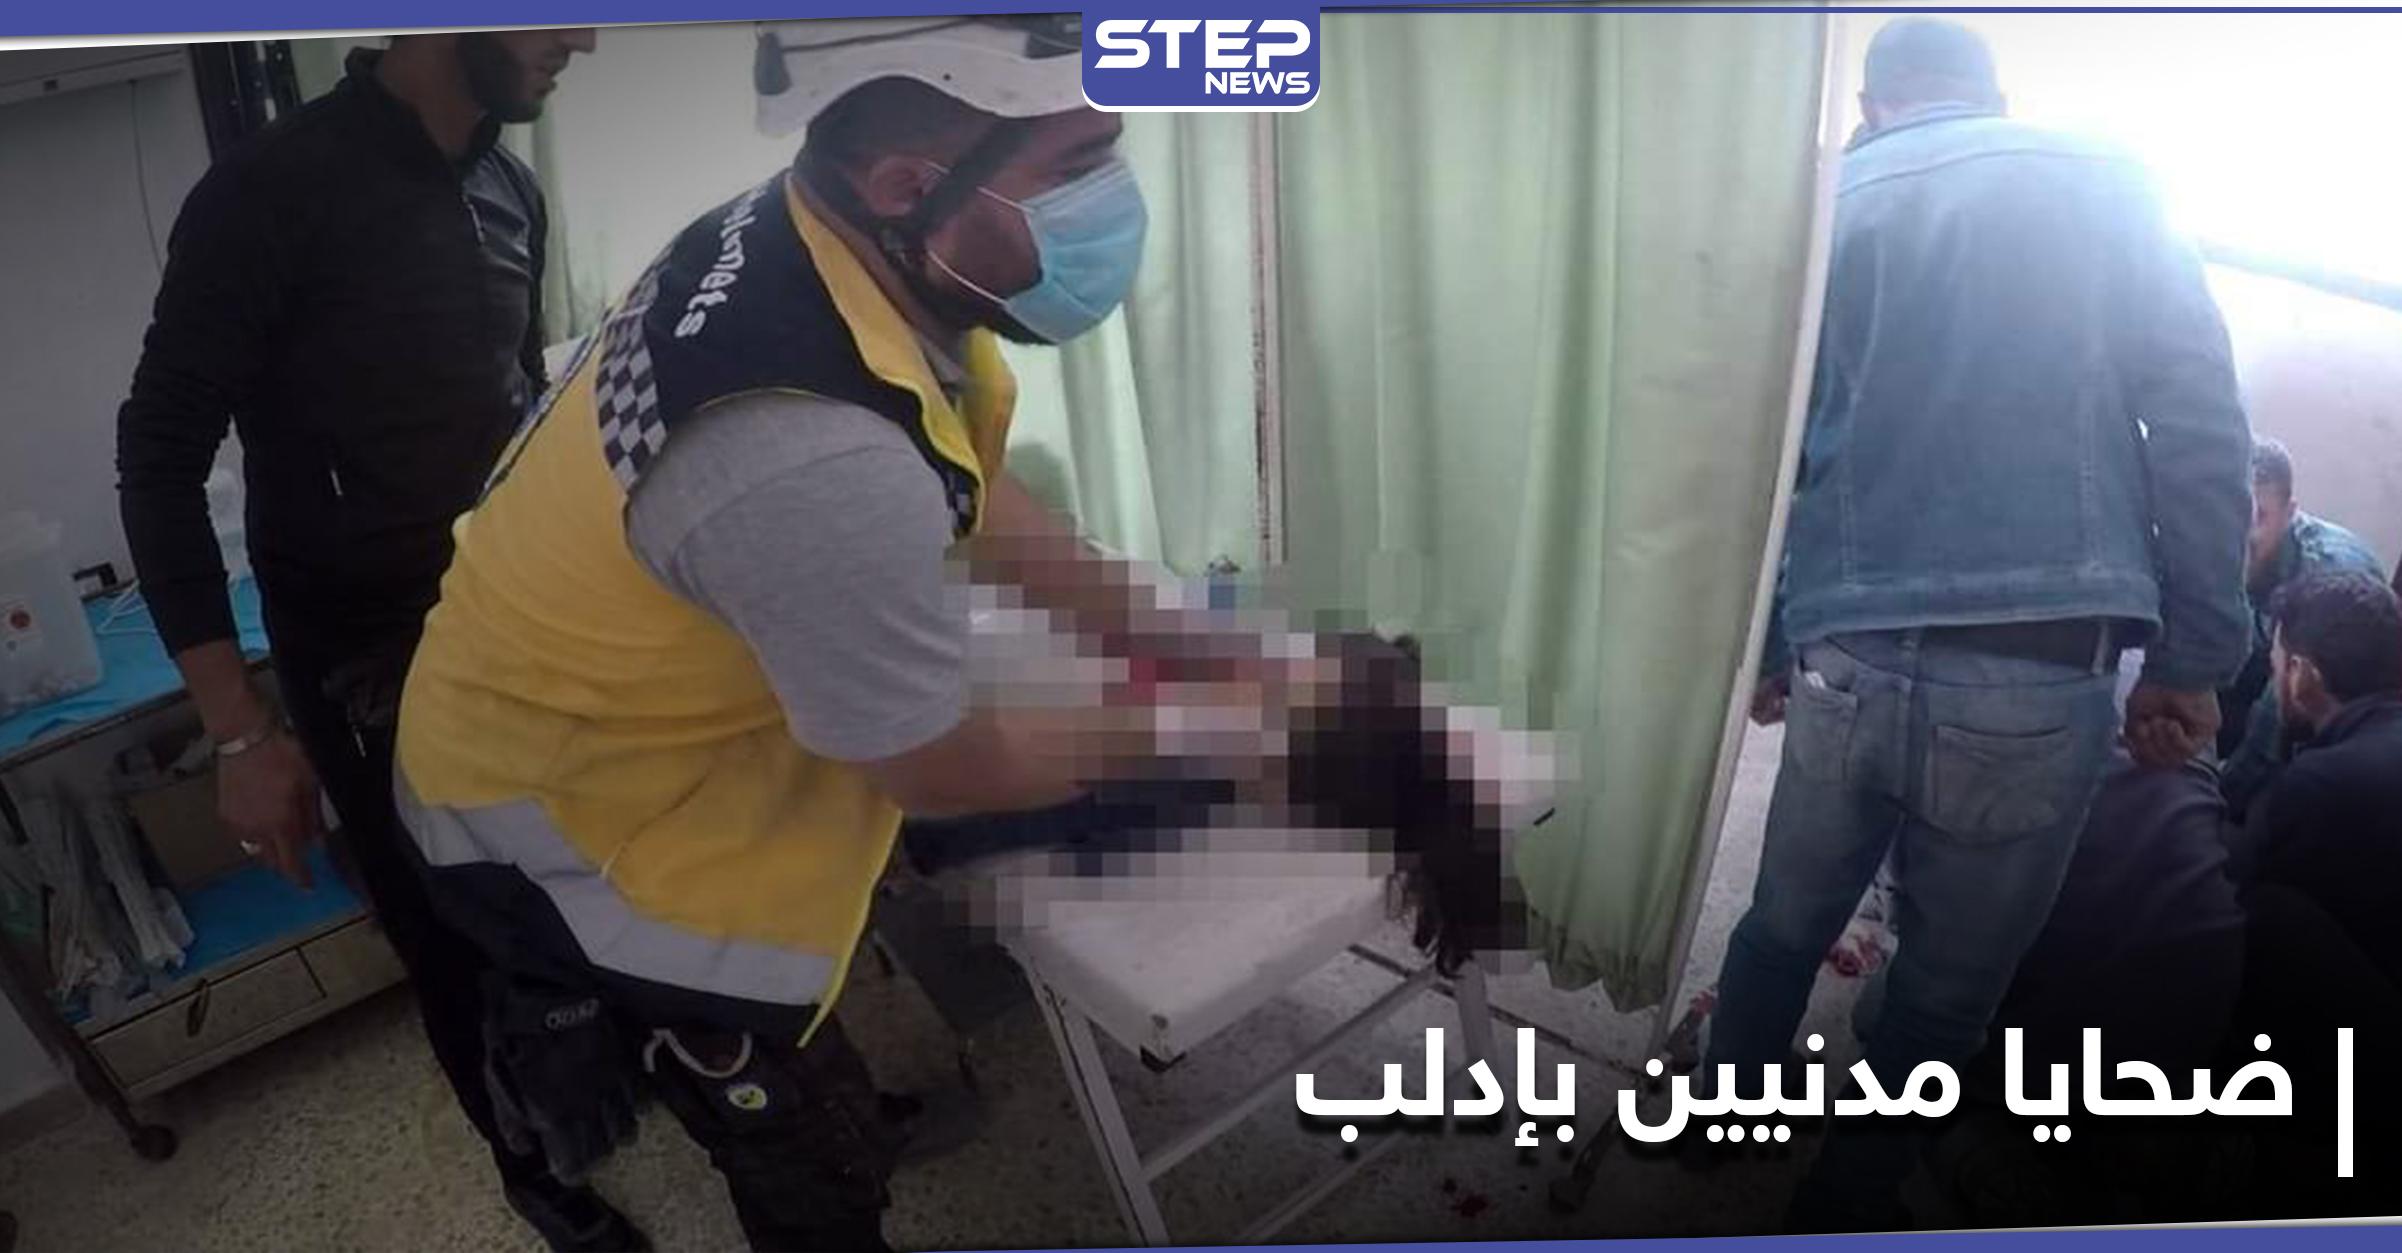 بالصور|| قتلى وجرحى جراء استهداف قوات النظام السوري سيارةً مدنيّة بصاروخ موجه على طريق الناجية غربي إدلب